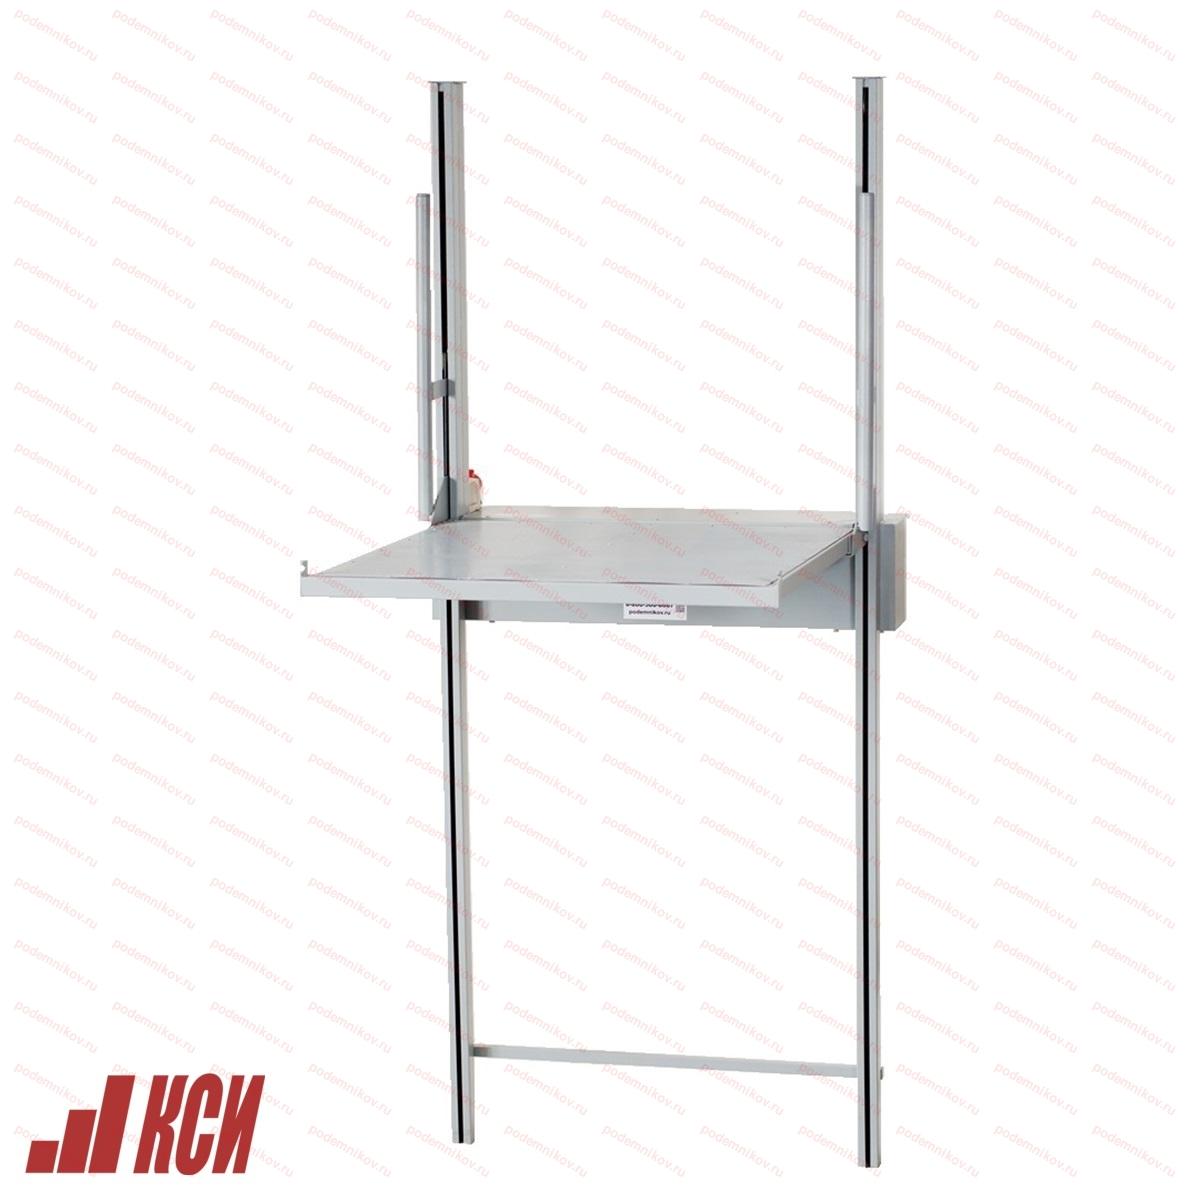 Вертикальный подъемник для инвалидов ПТУ-001